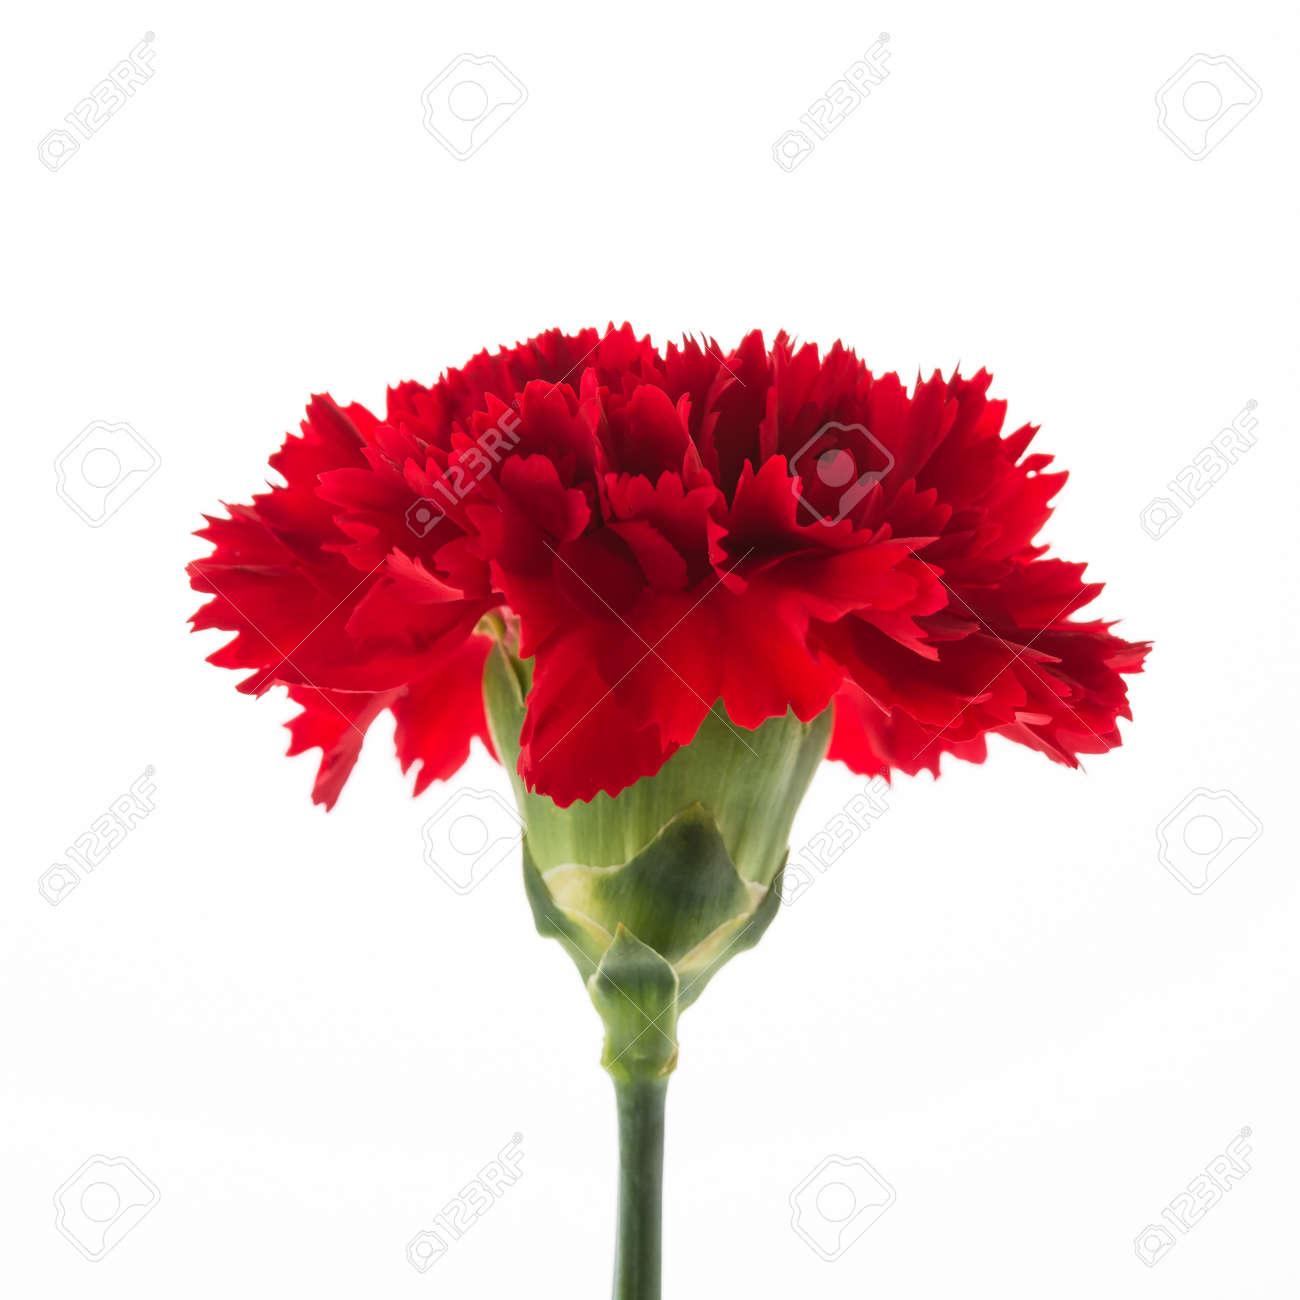 Berühmt Rote Nelke Blume Auf Weißem Hintergrund Lizenzfreie Fotos, Bilder @OK_54